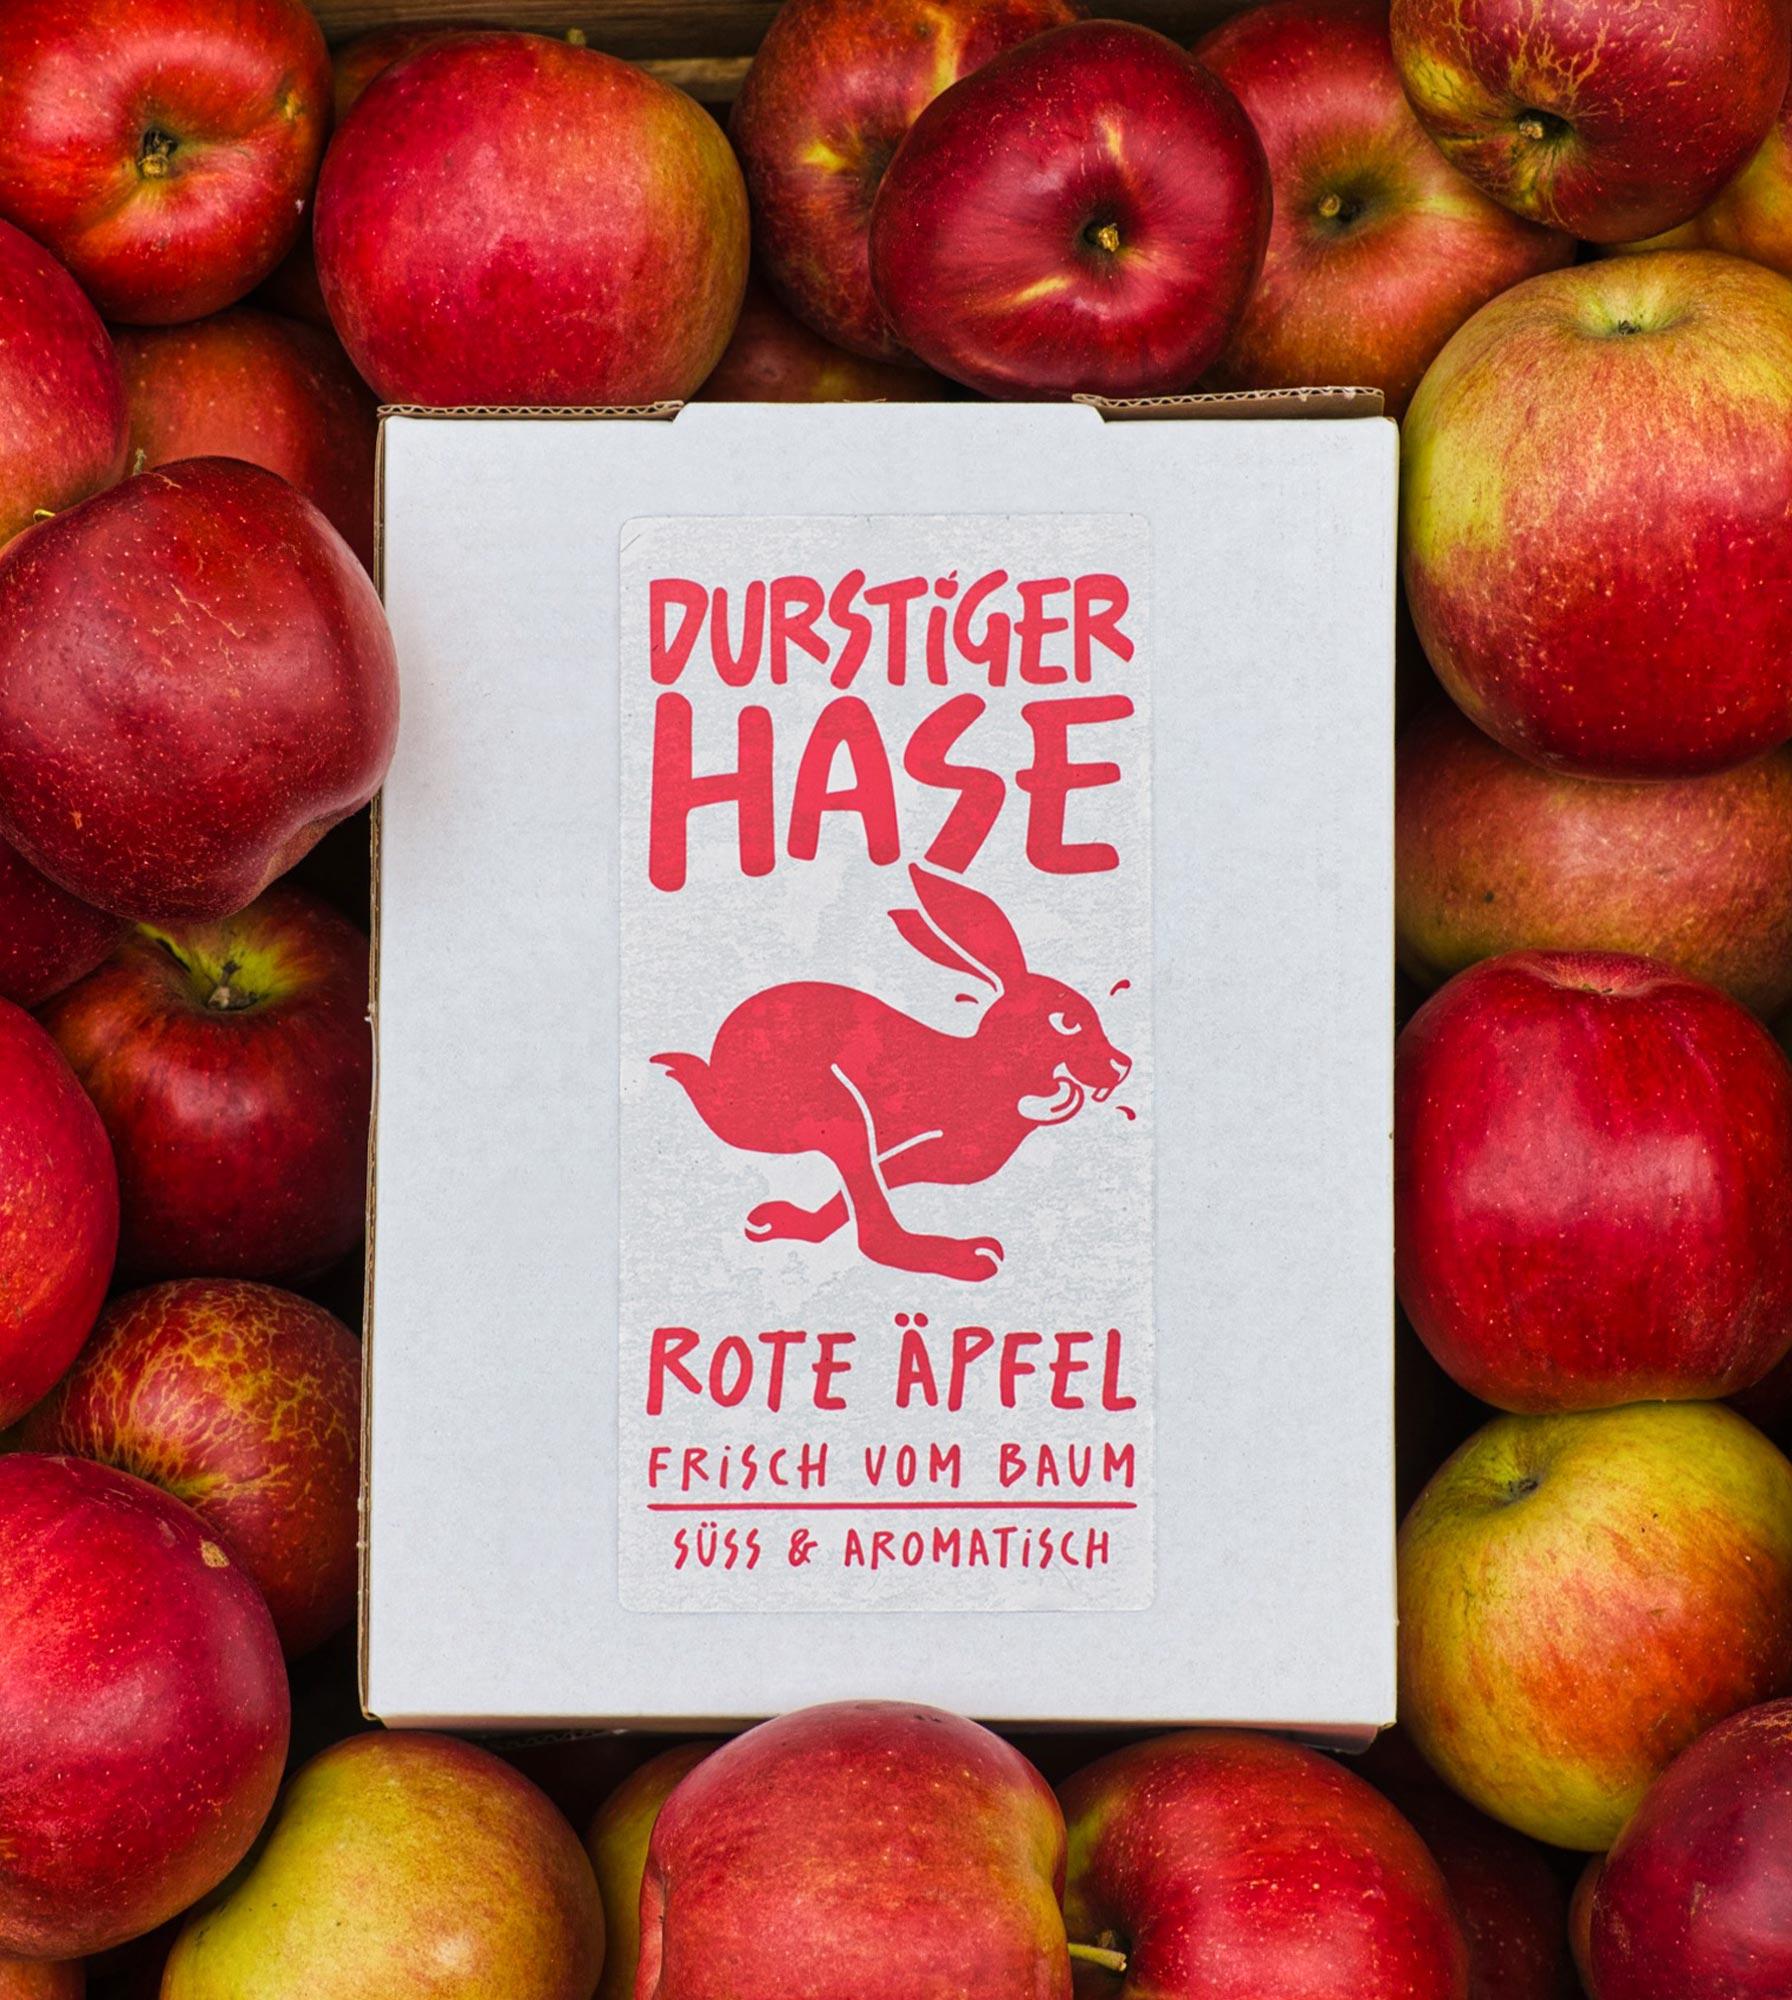 Durstiger-Hase-rote-aepfel-GPU-Design